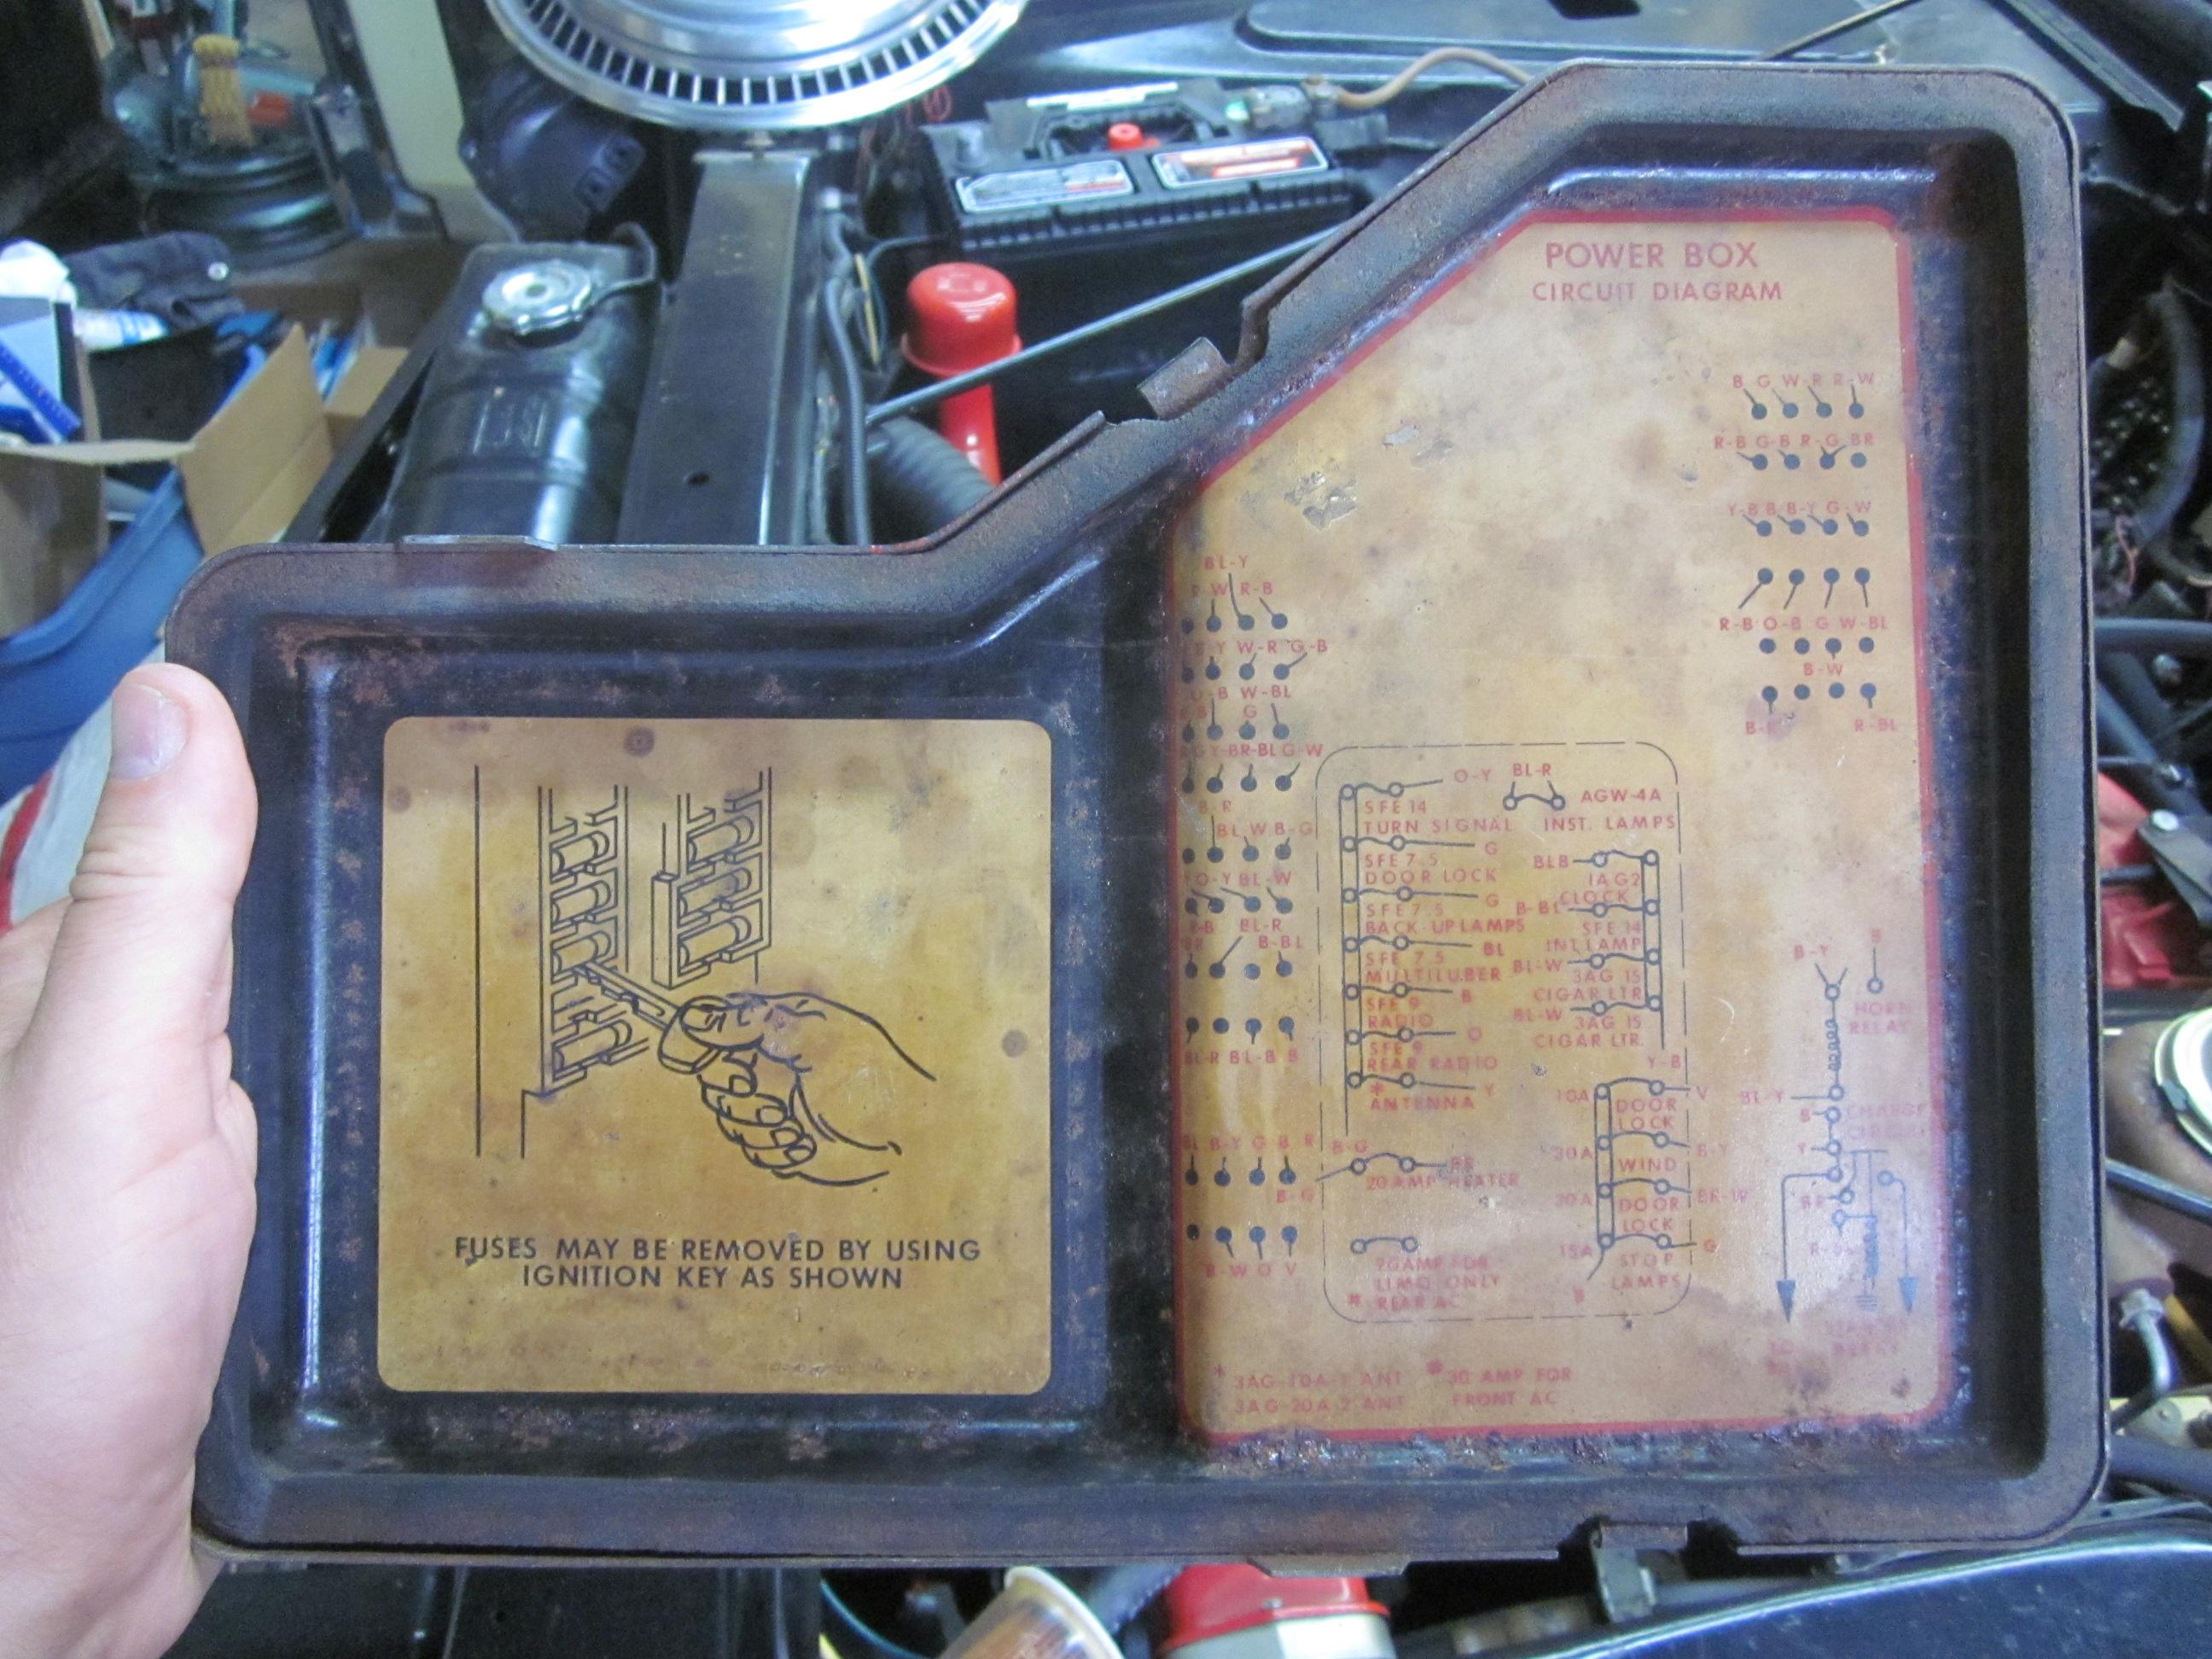 medium resolution of 1970 ford thunderbird fuse box diagram wiring diagrams mon 1970 ford thunderbird fuse box location 1970 thunderbird fuse box